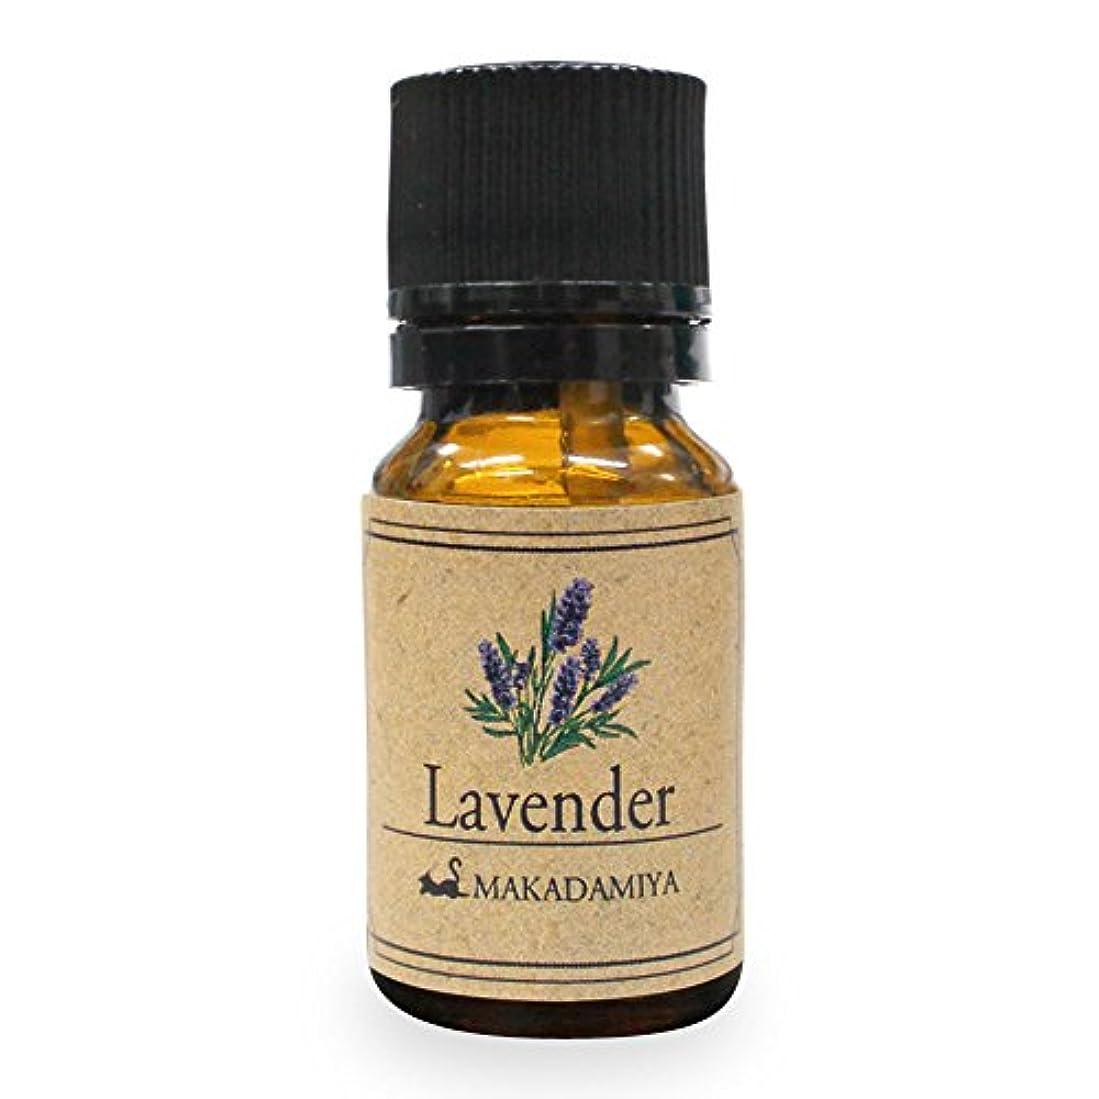 のために雇う花に水をやるラベンダー10ml 天然100%植物性 エッセンシャルオイル(精油) アロマオイル アロママッサージ aroma Lavender